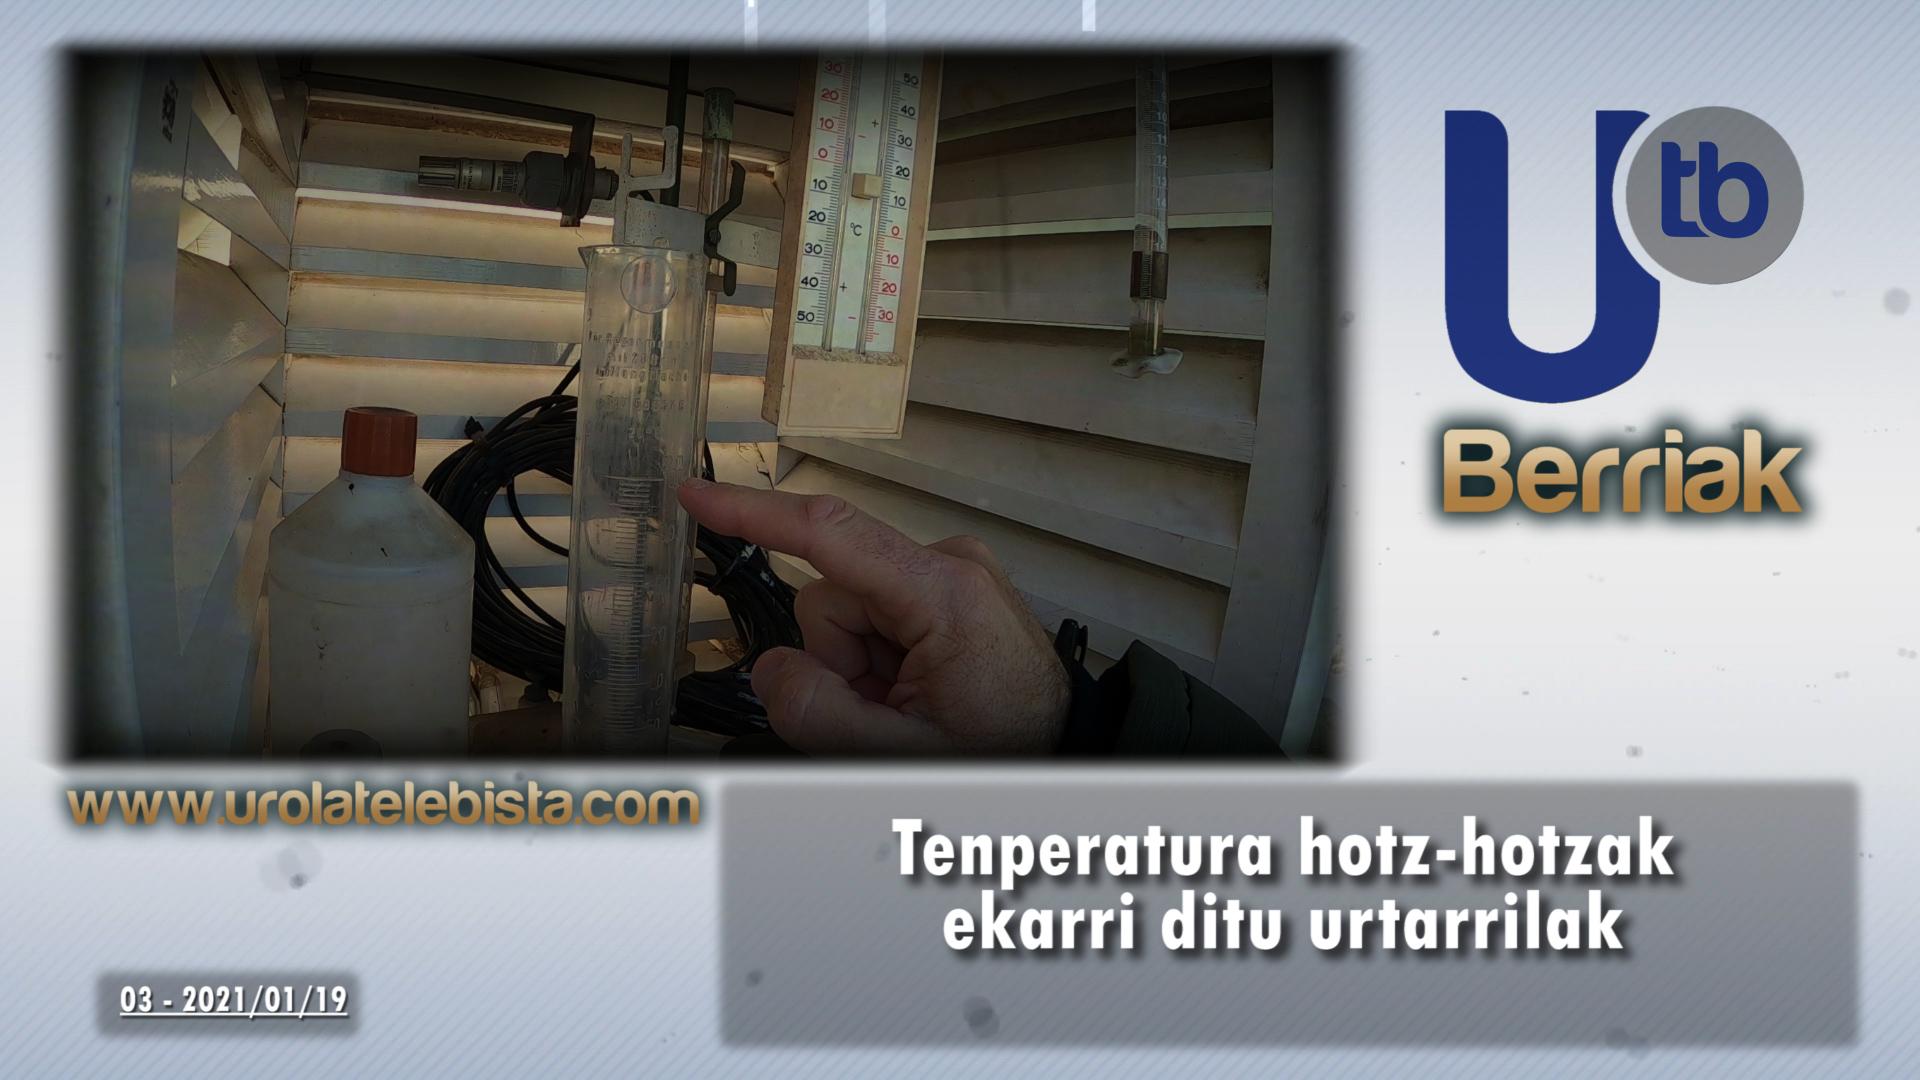 Tenperatura hotz-hotzak ekarri ditu urtarrilak / Enero trae temperaturas gélidas